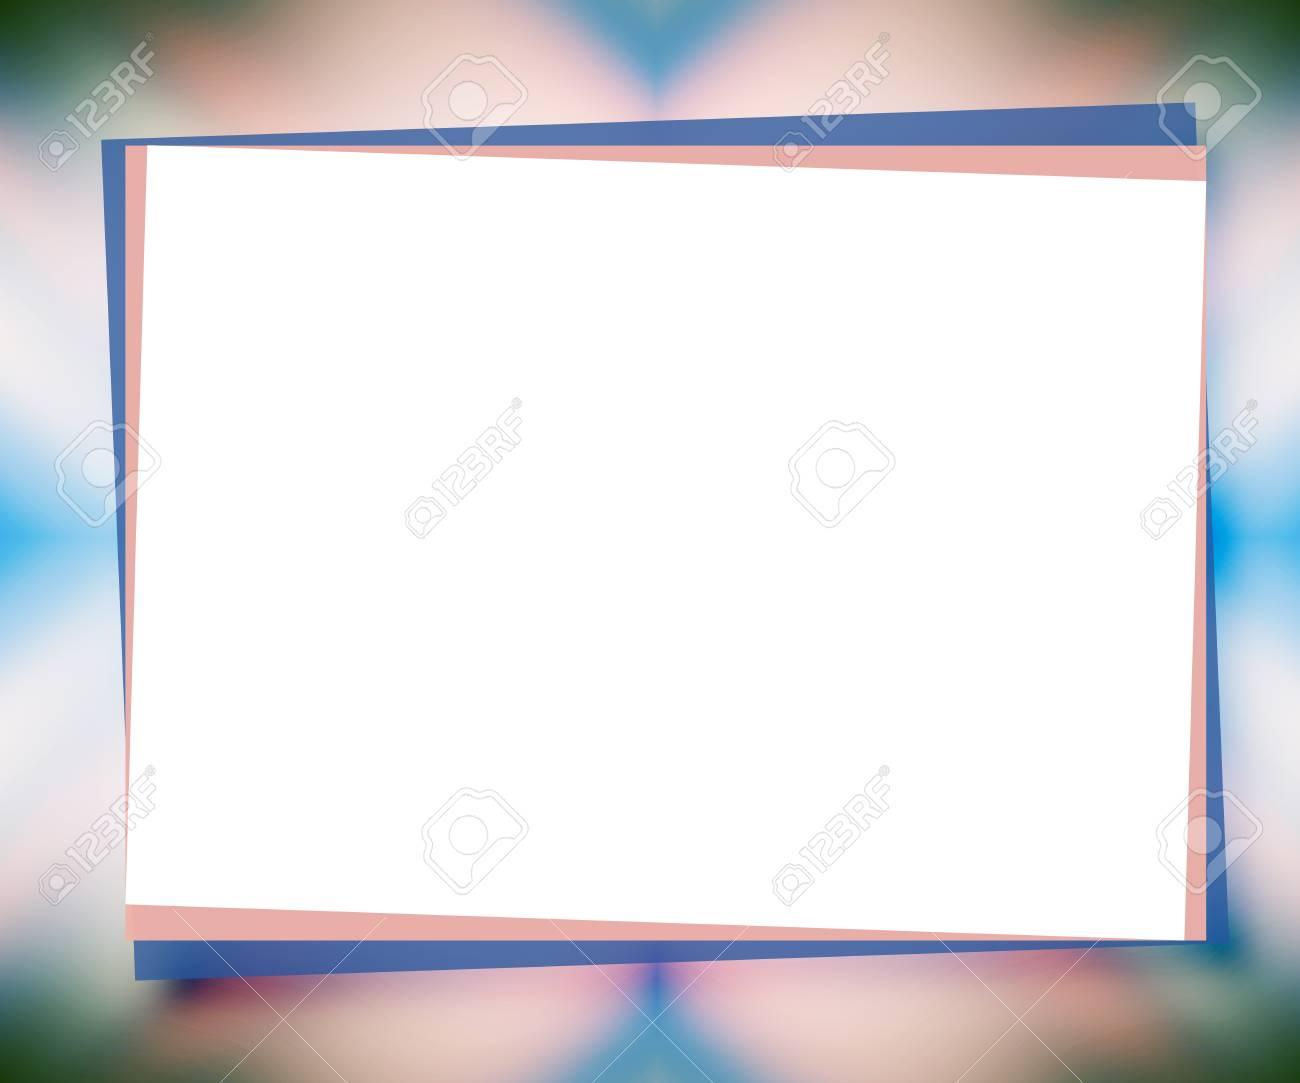 Fondo Universal Azul Pálido Y Rosa Con Texto Grande Como Papel ...